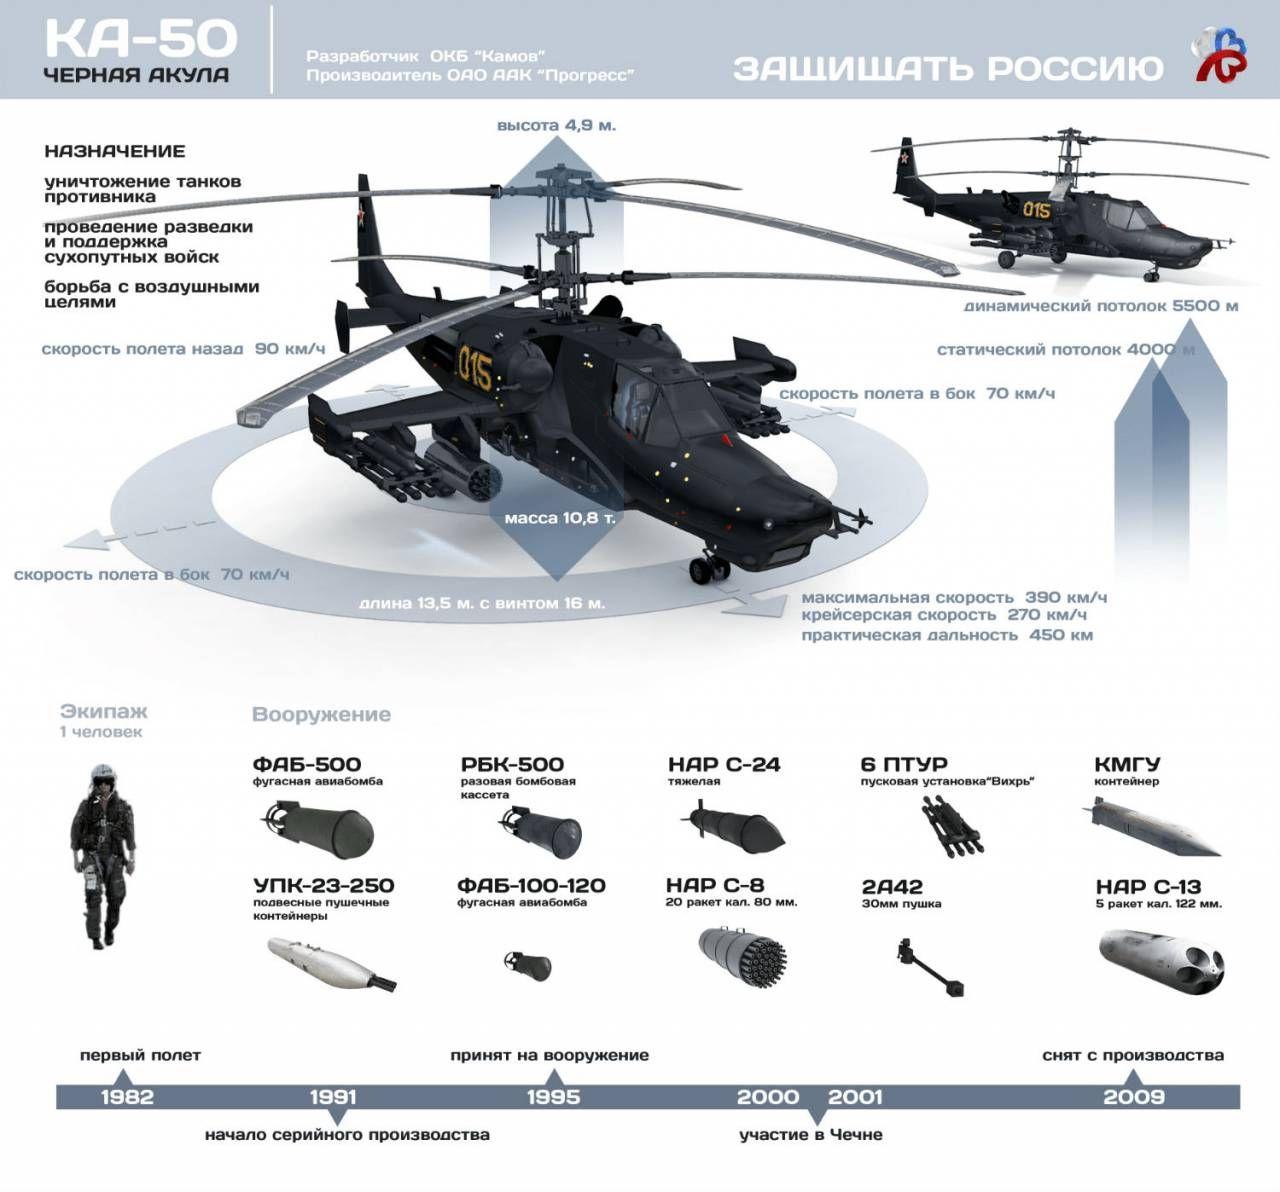 Ударный вертолет Ка-50 «Чёрная акула». Инфографика ...